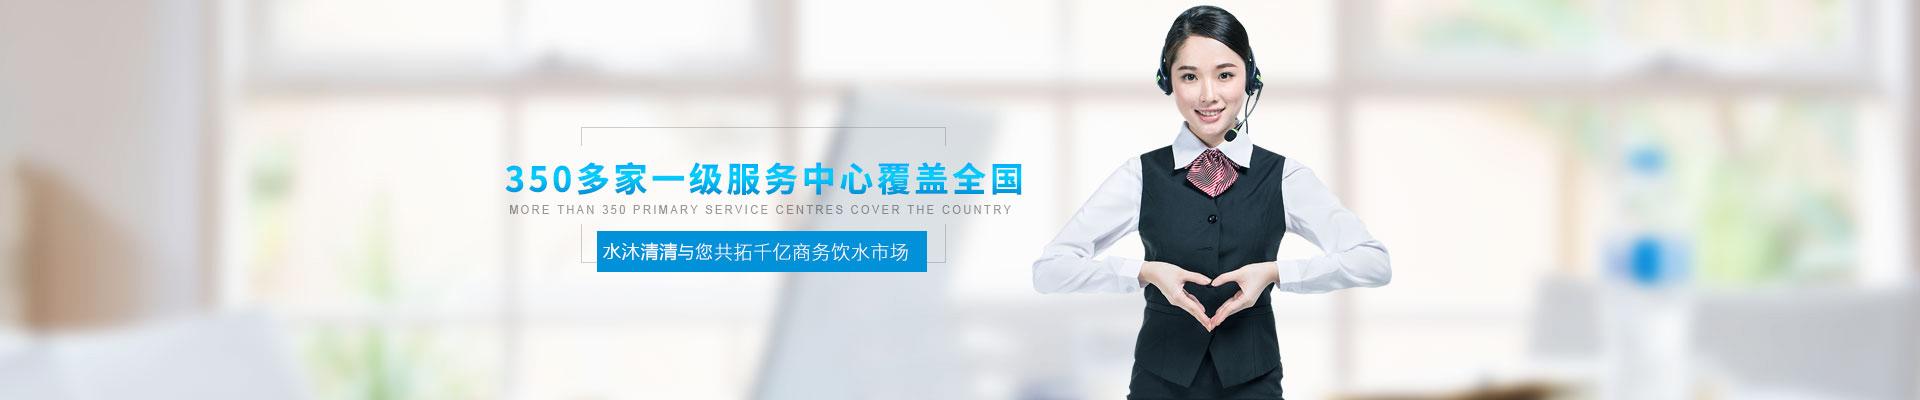 水沐清清350多家服务中心覆盖全国